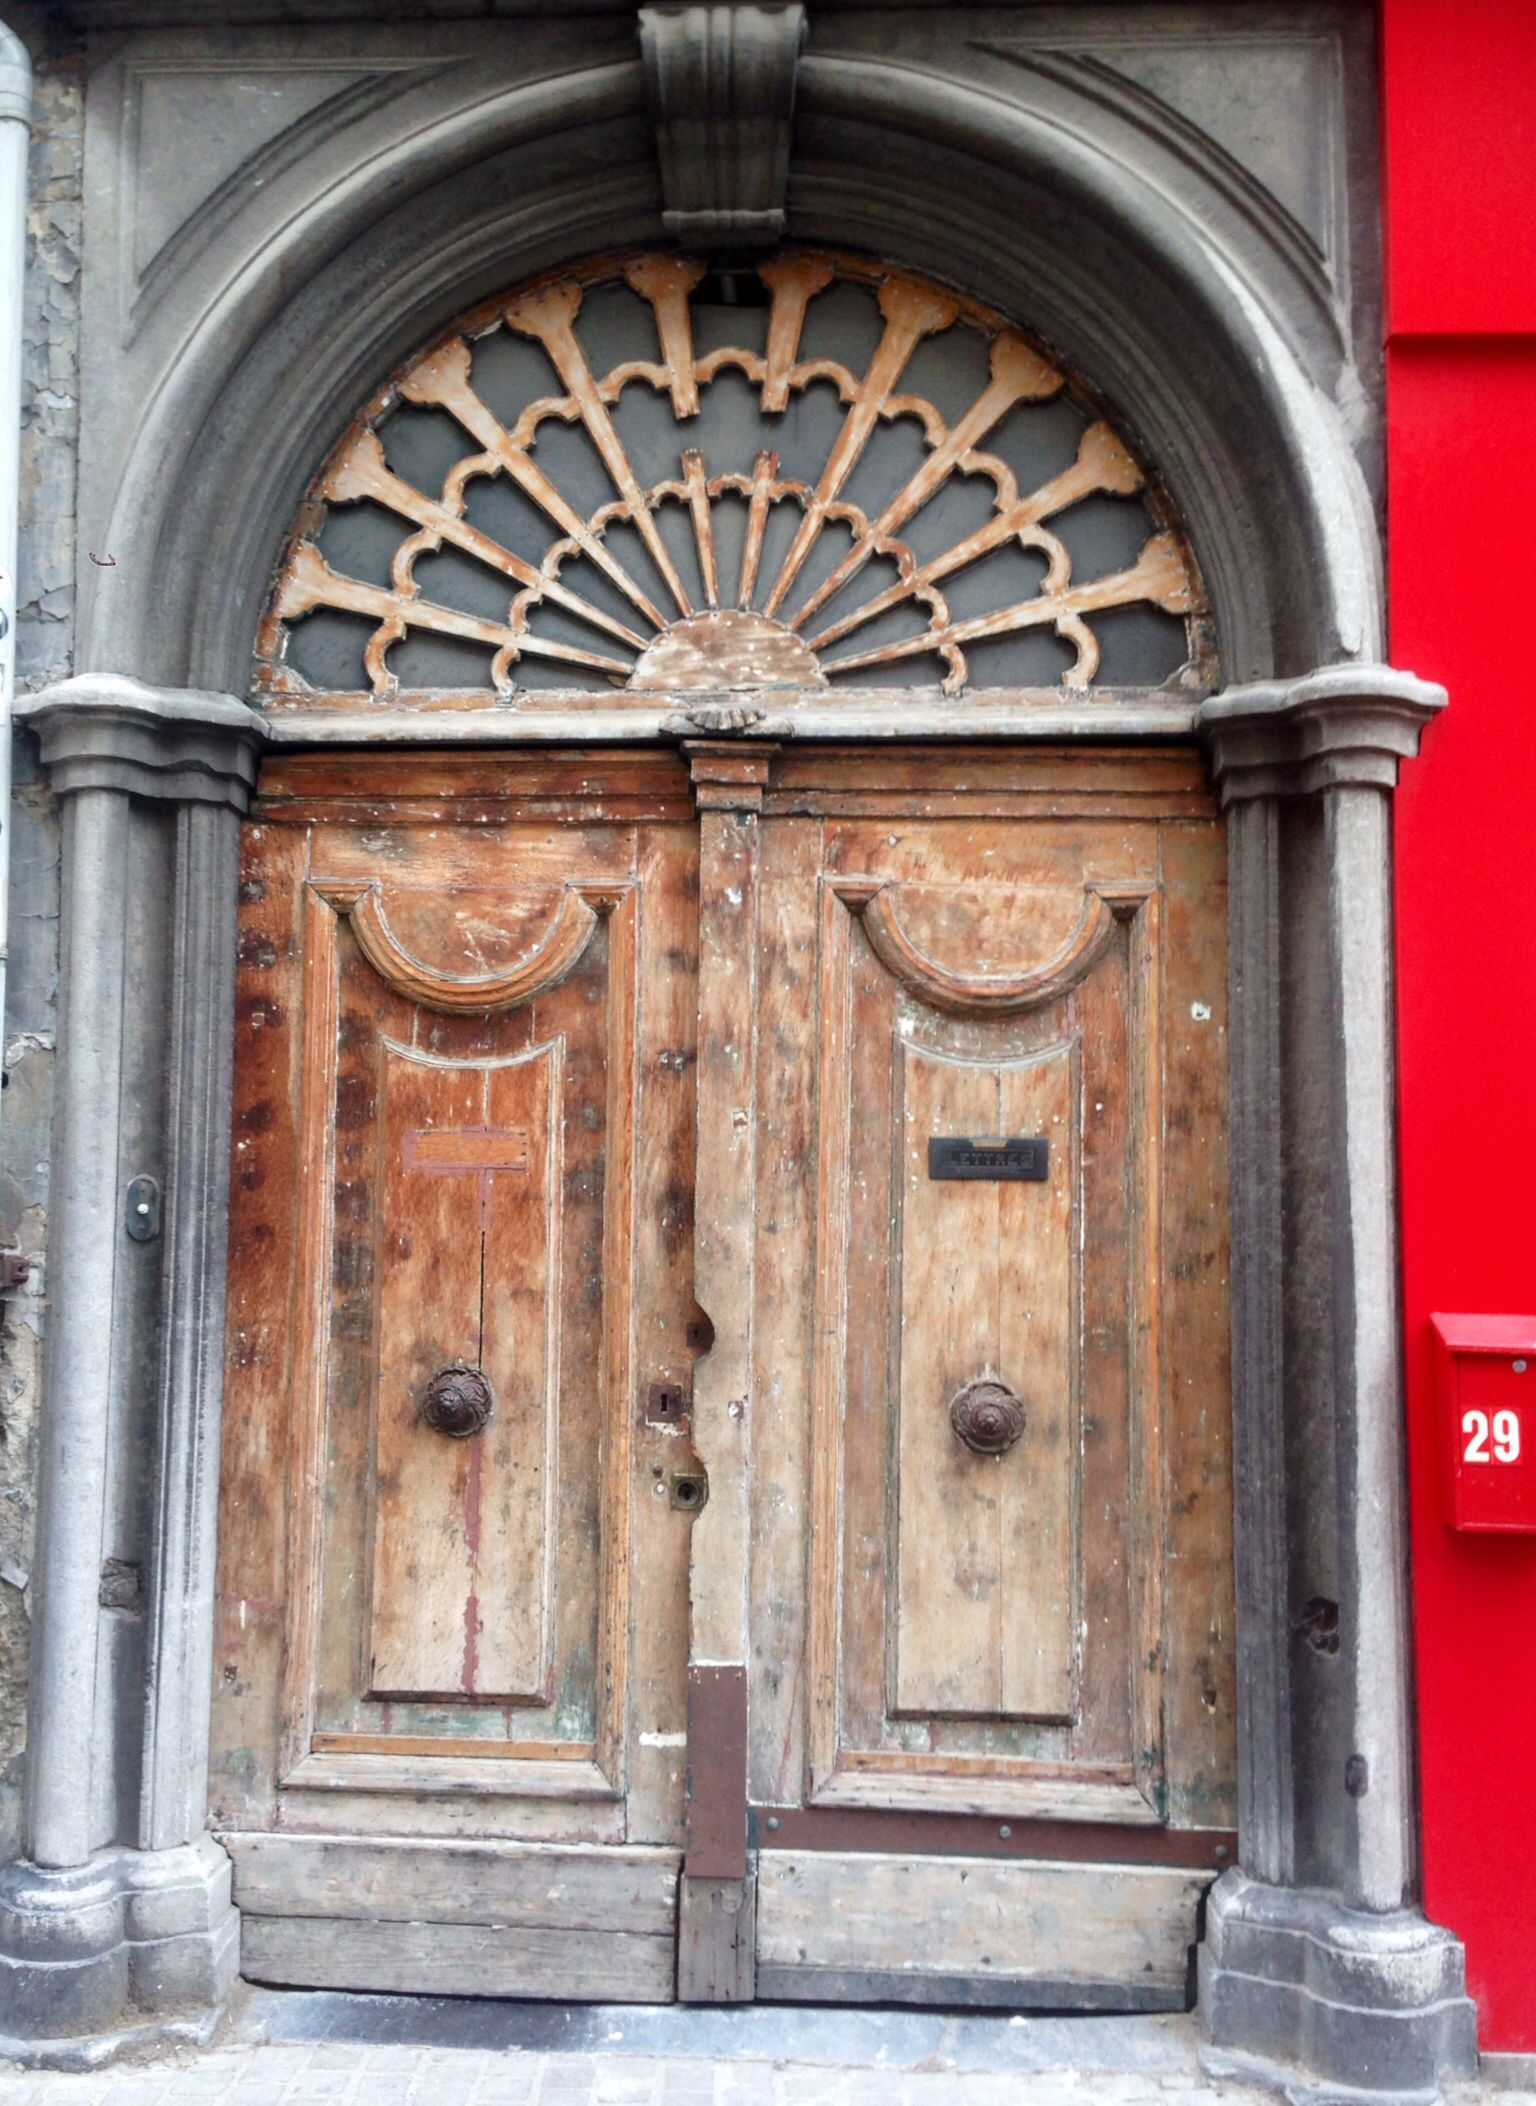 Antwerp, Belgium - July 4, 2014 *Korte Gasthuisstraat